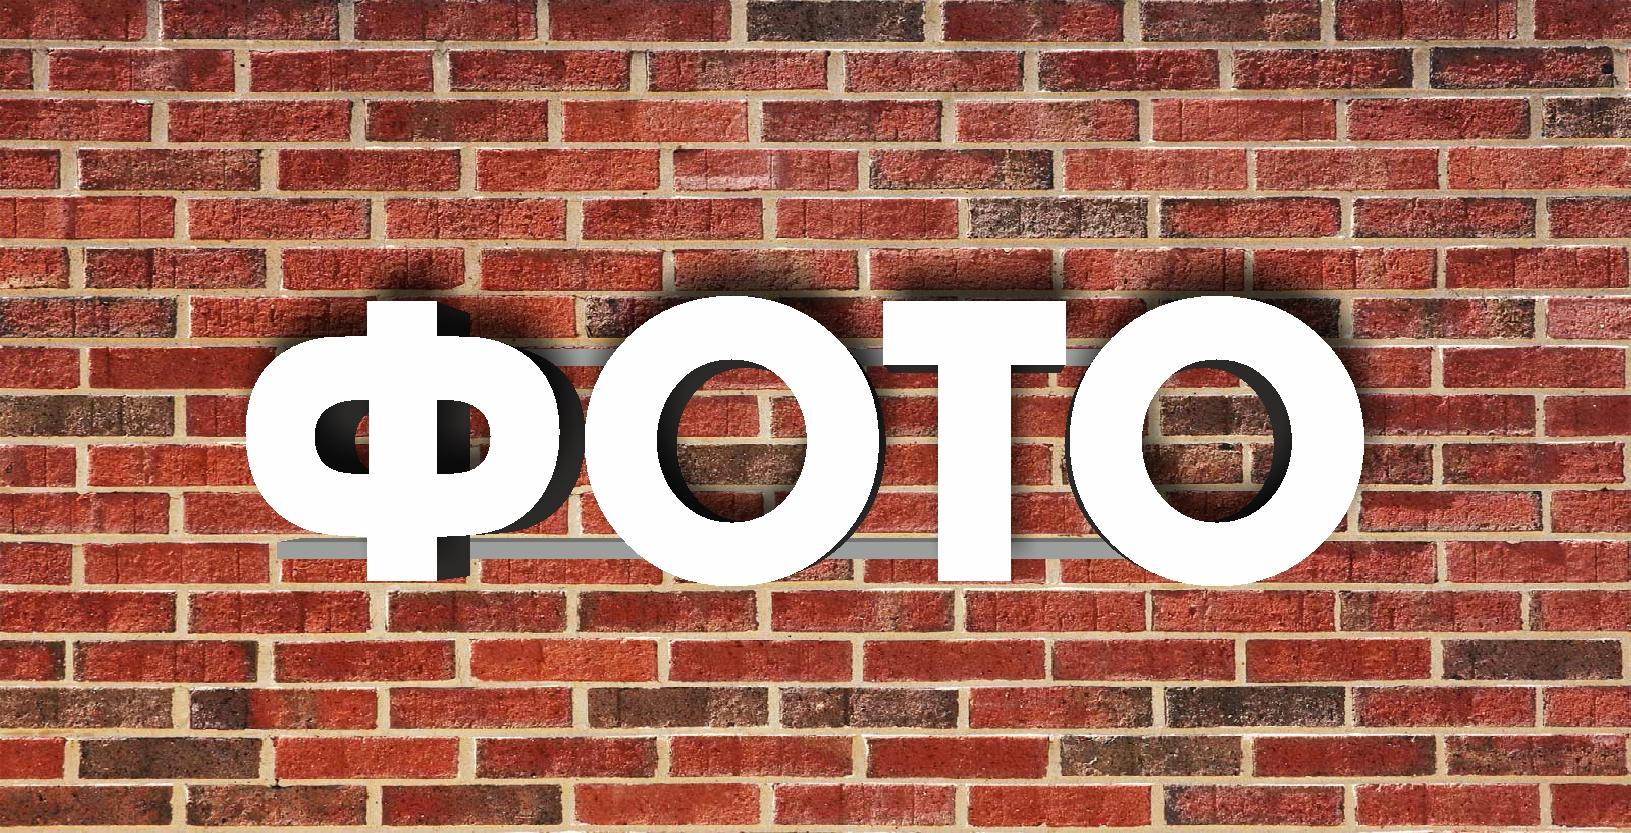 Как сделать фото с надписями